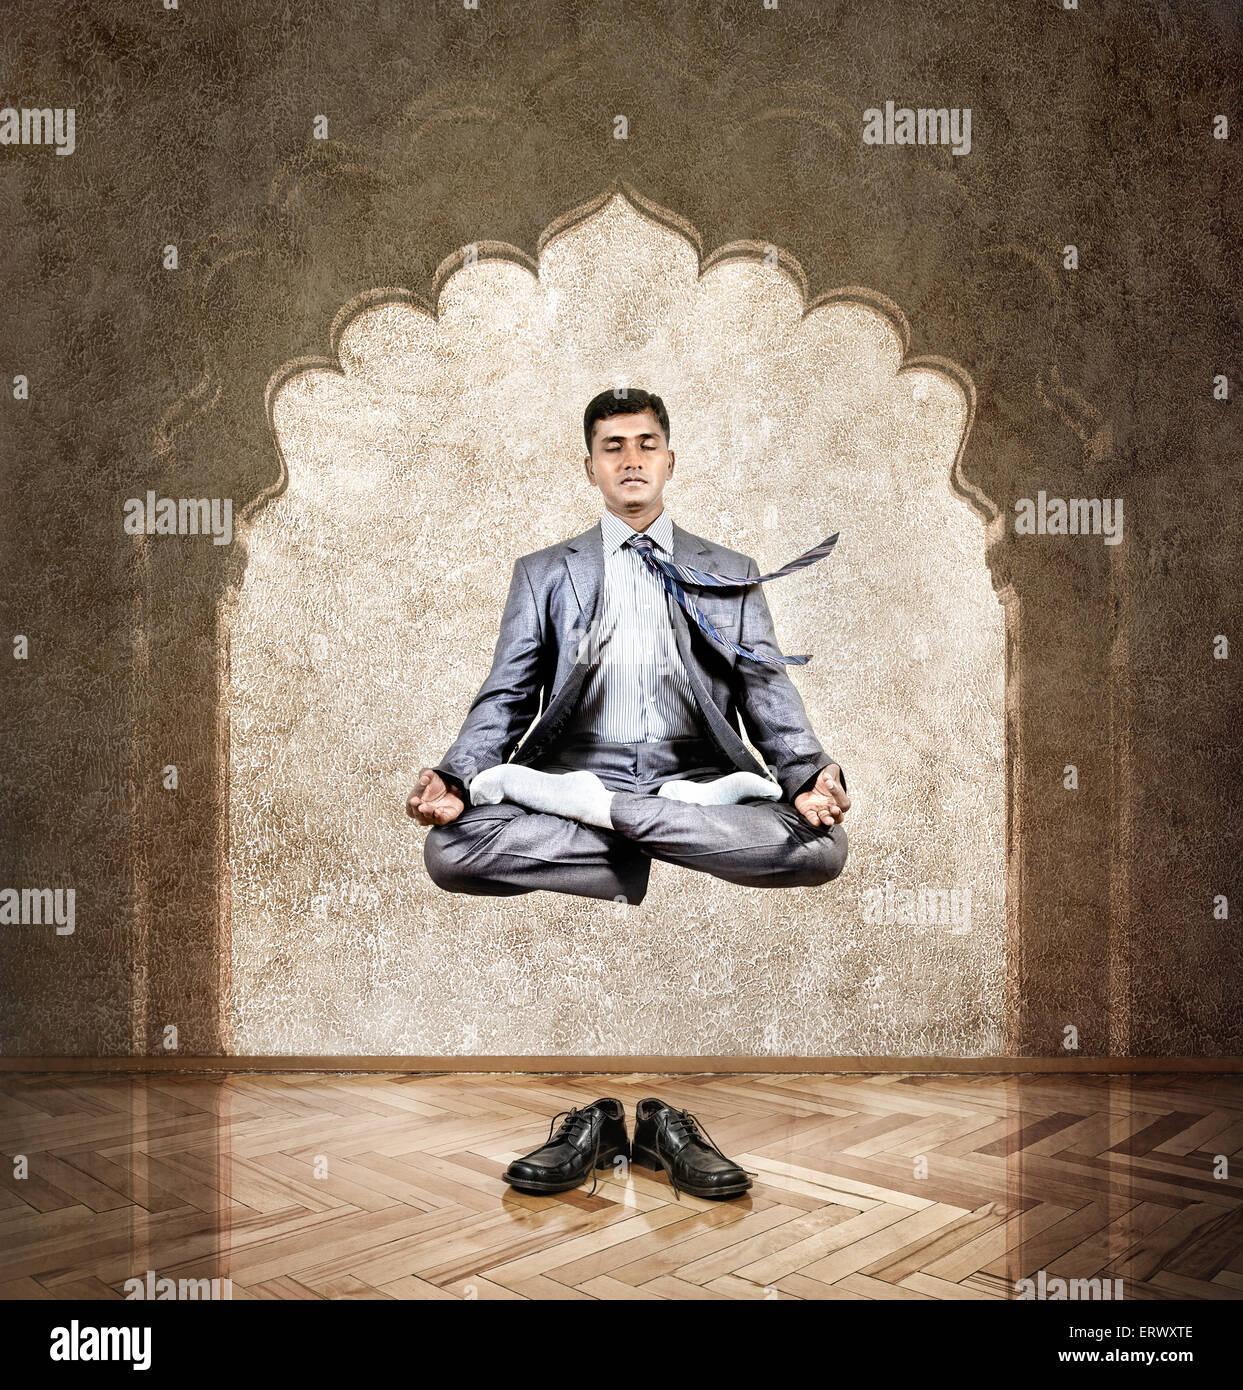 Indischer Geschäftsmann tun Meditation in der Luft in Lotus Pose im Büro mit Bogen an der Wand Stockbild